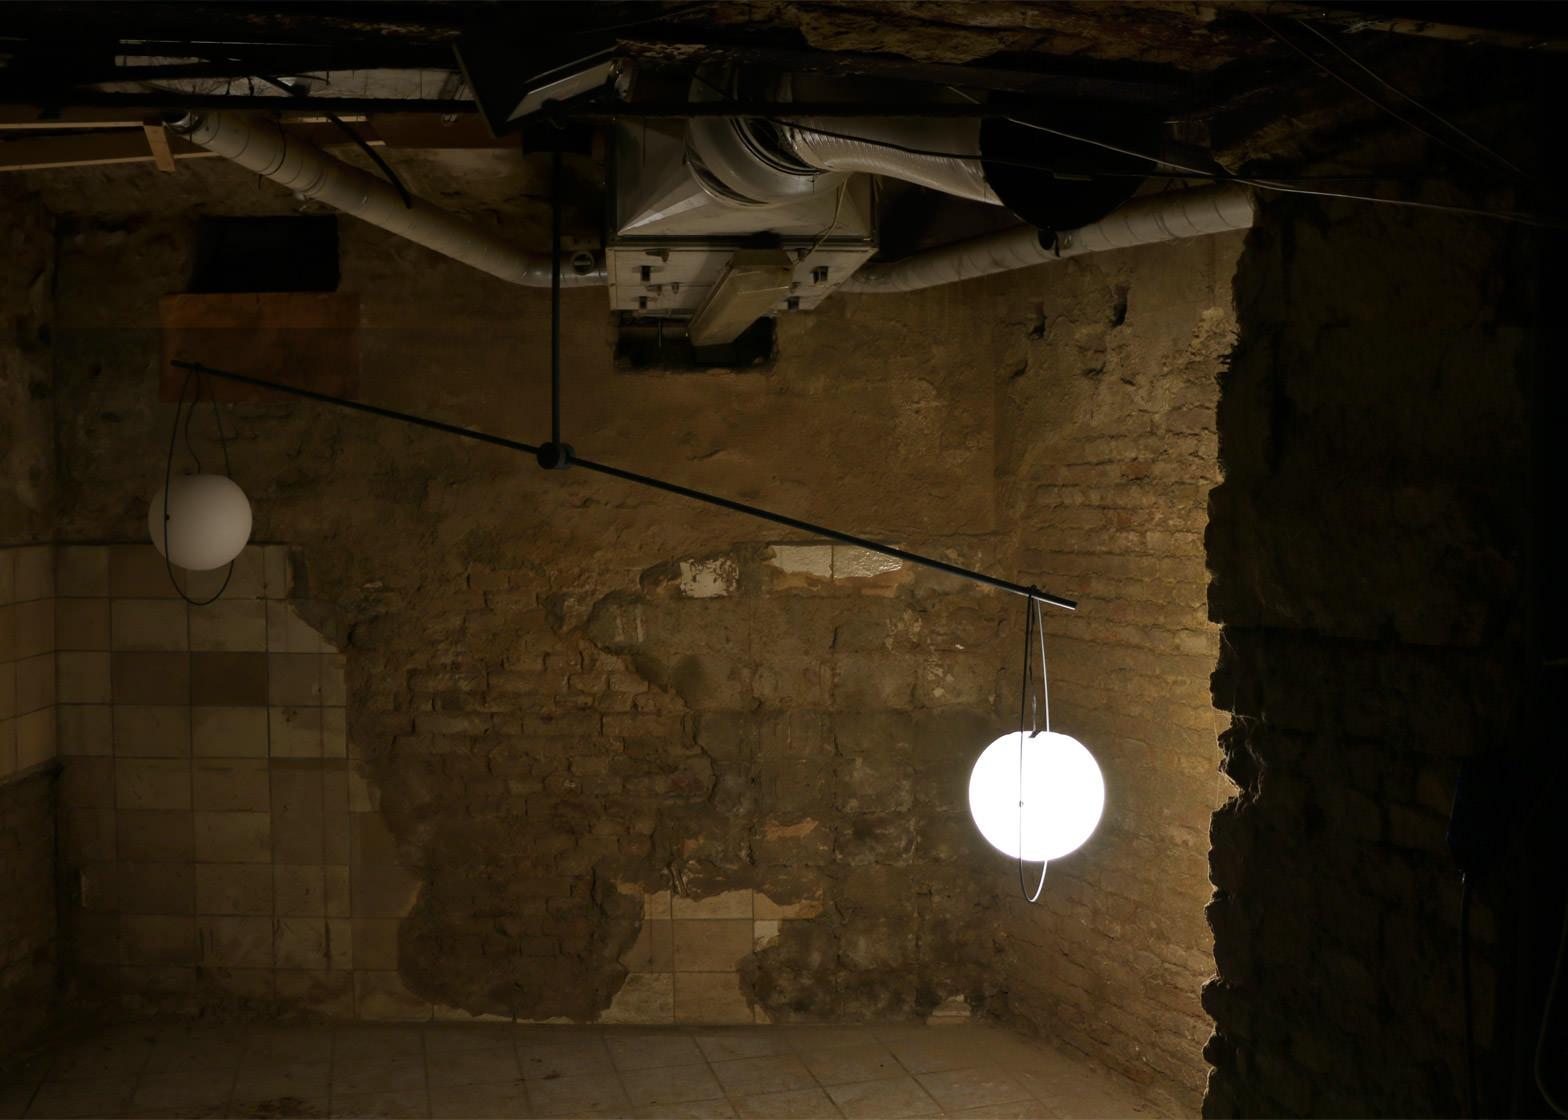 equilumen-mischer-traxler-light-distribution-glas-sphere-design-lighting-motion_dezeen_1568_6